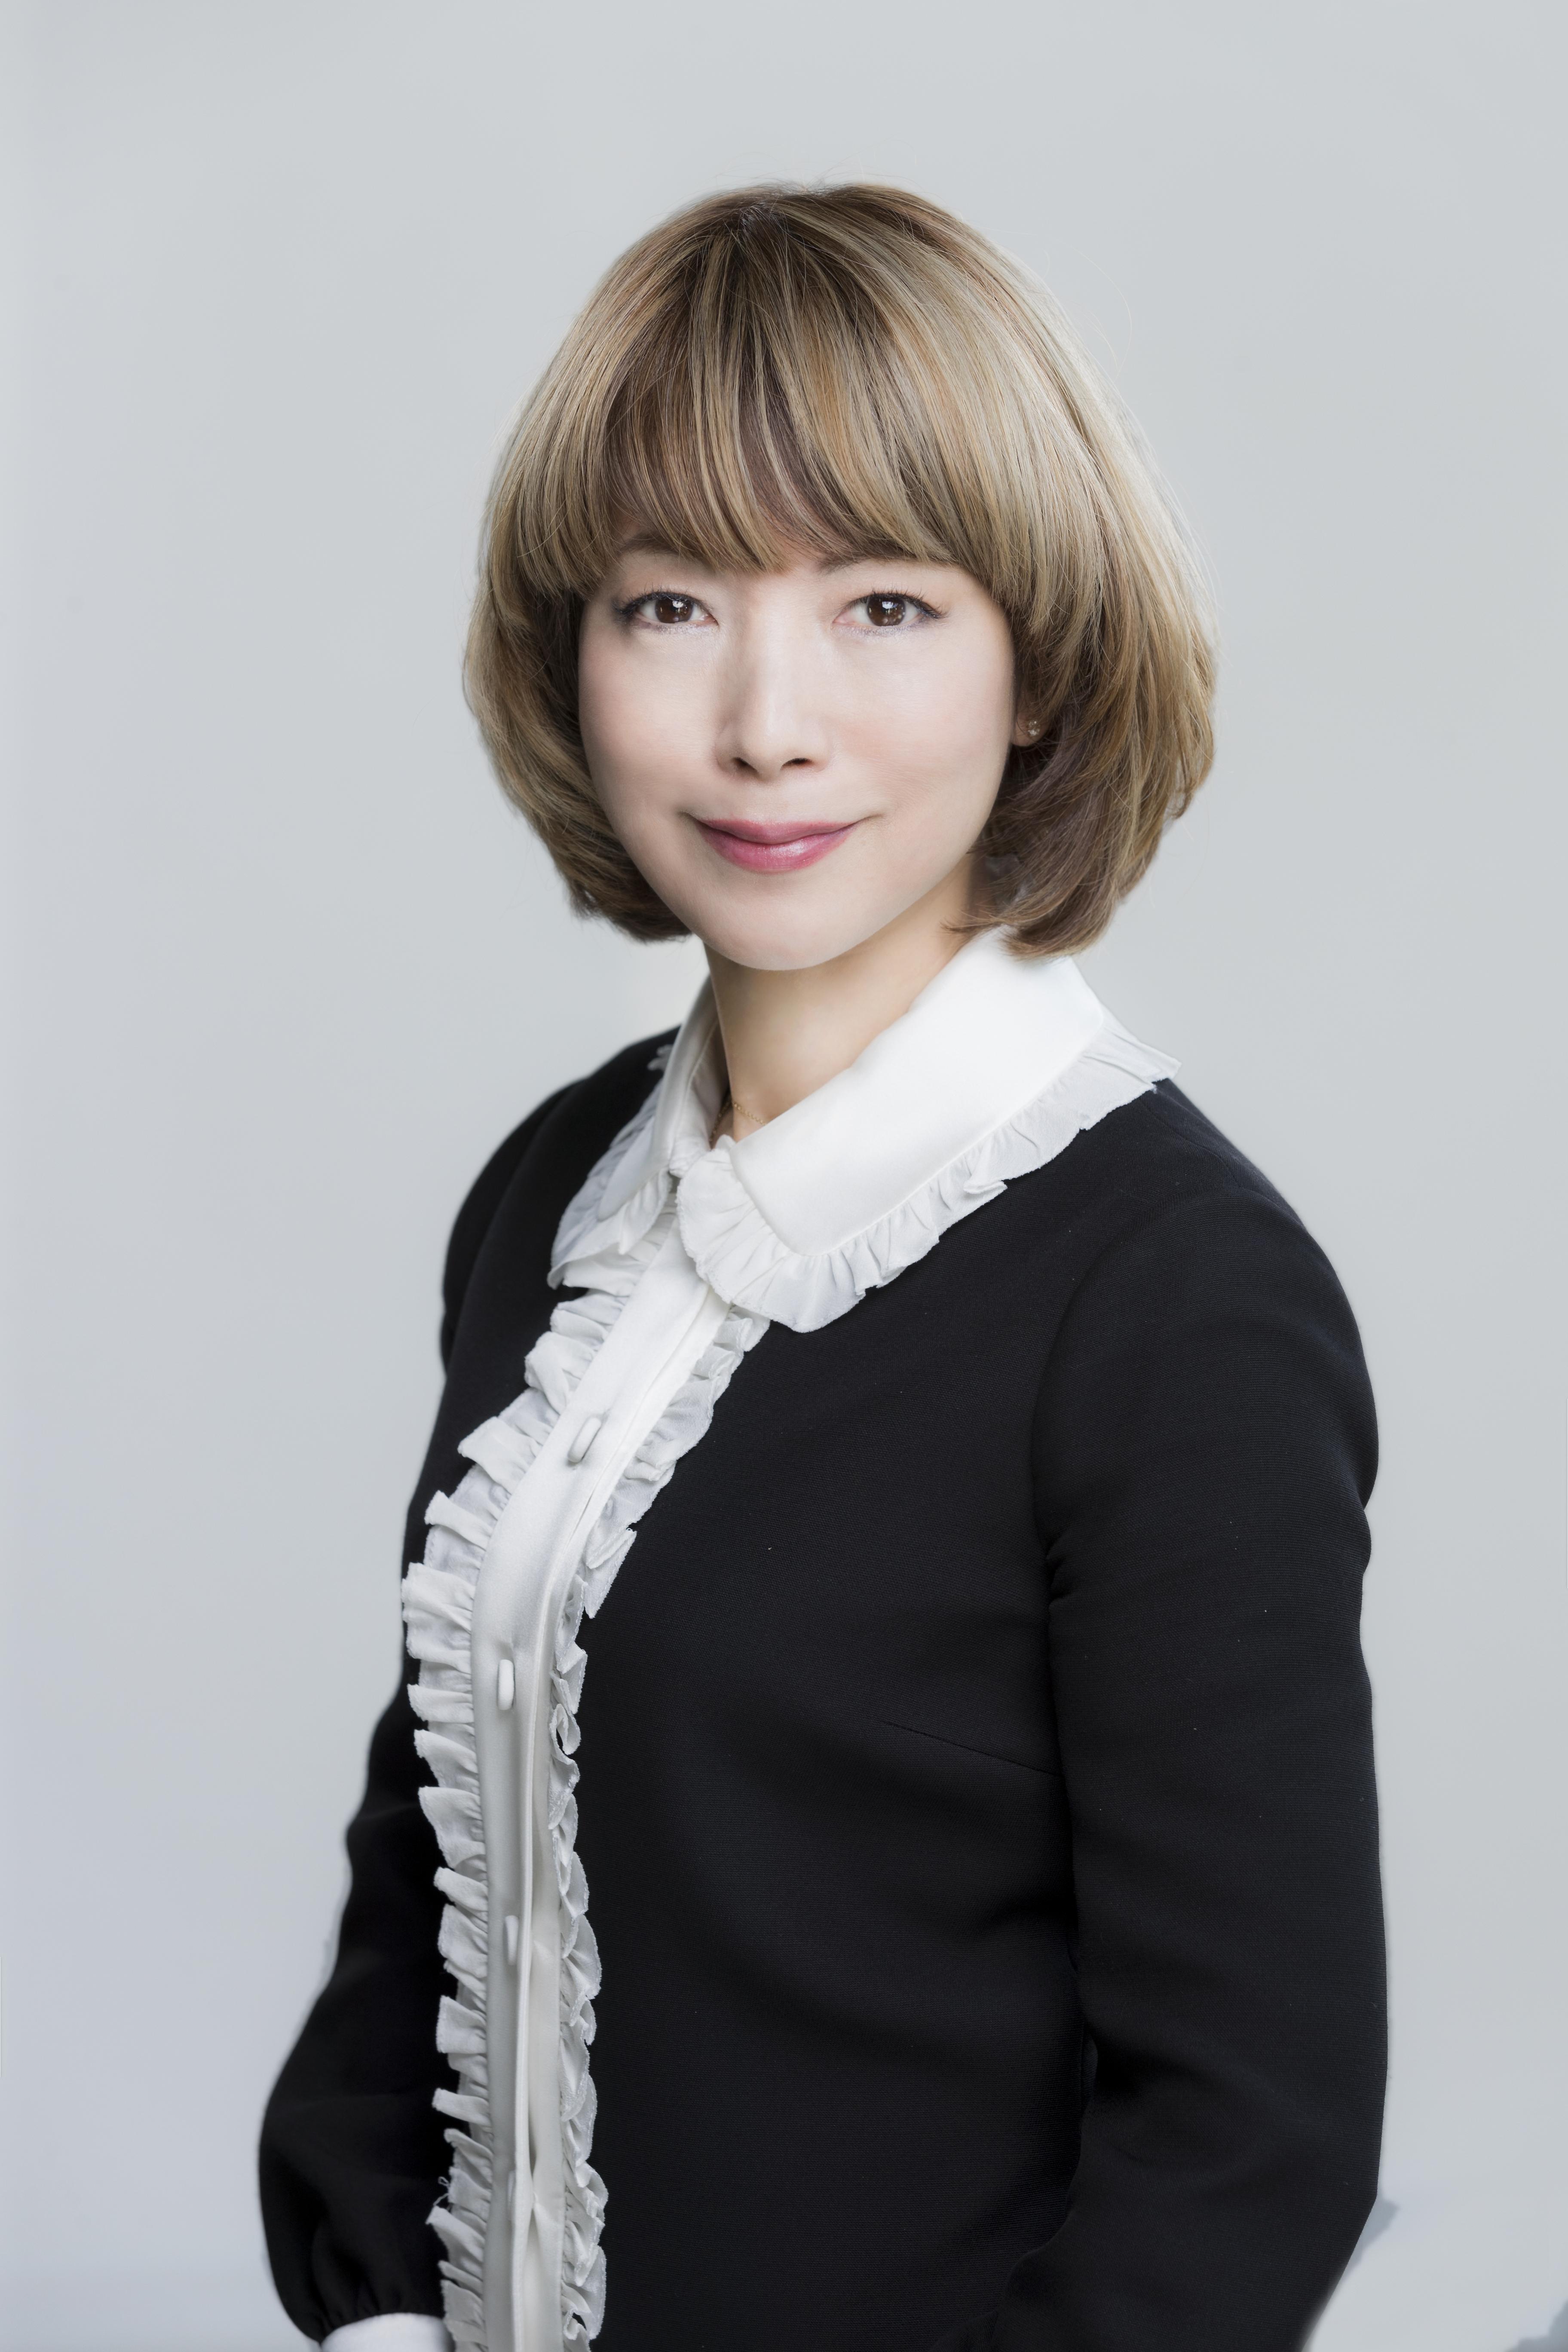 Mayumi Yamamoto